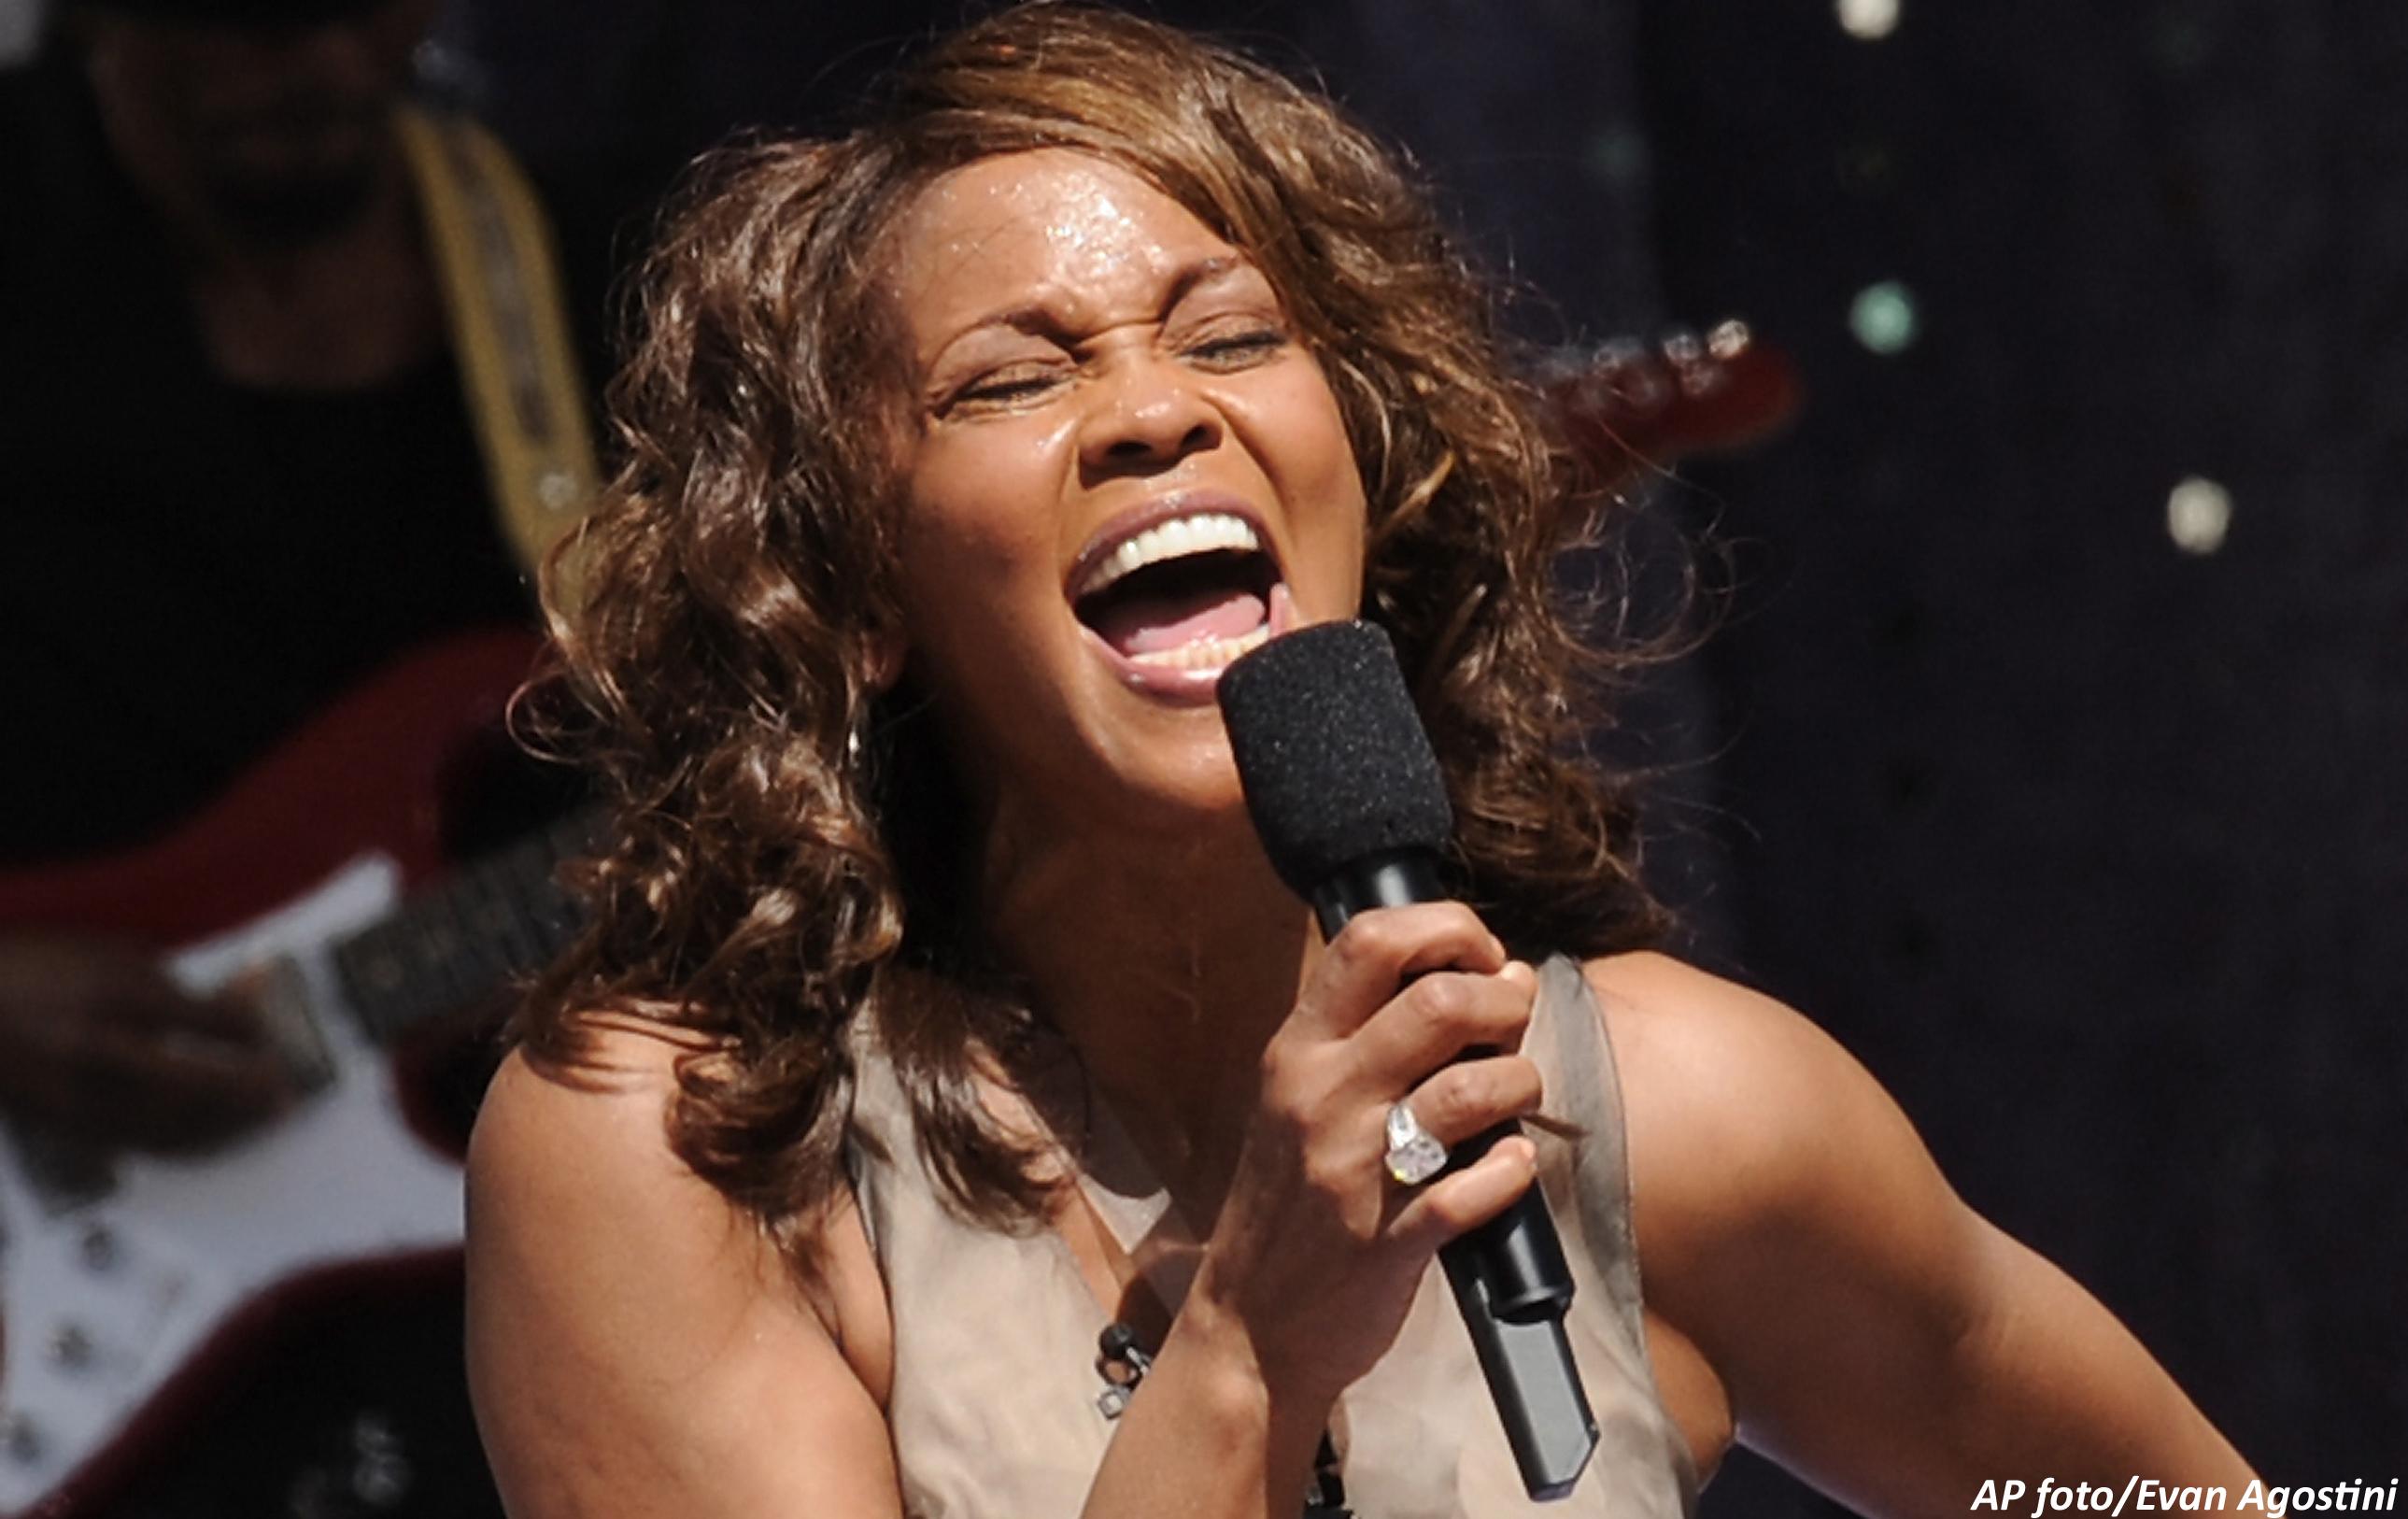 Murió Whitney Houston, voz del gospel que atravesó el infierno de la droga